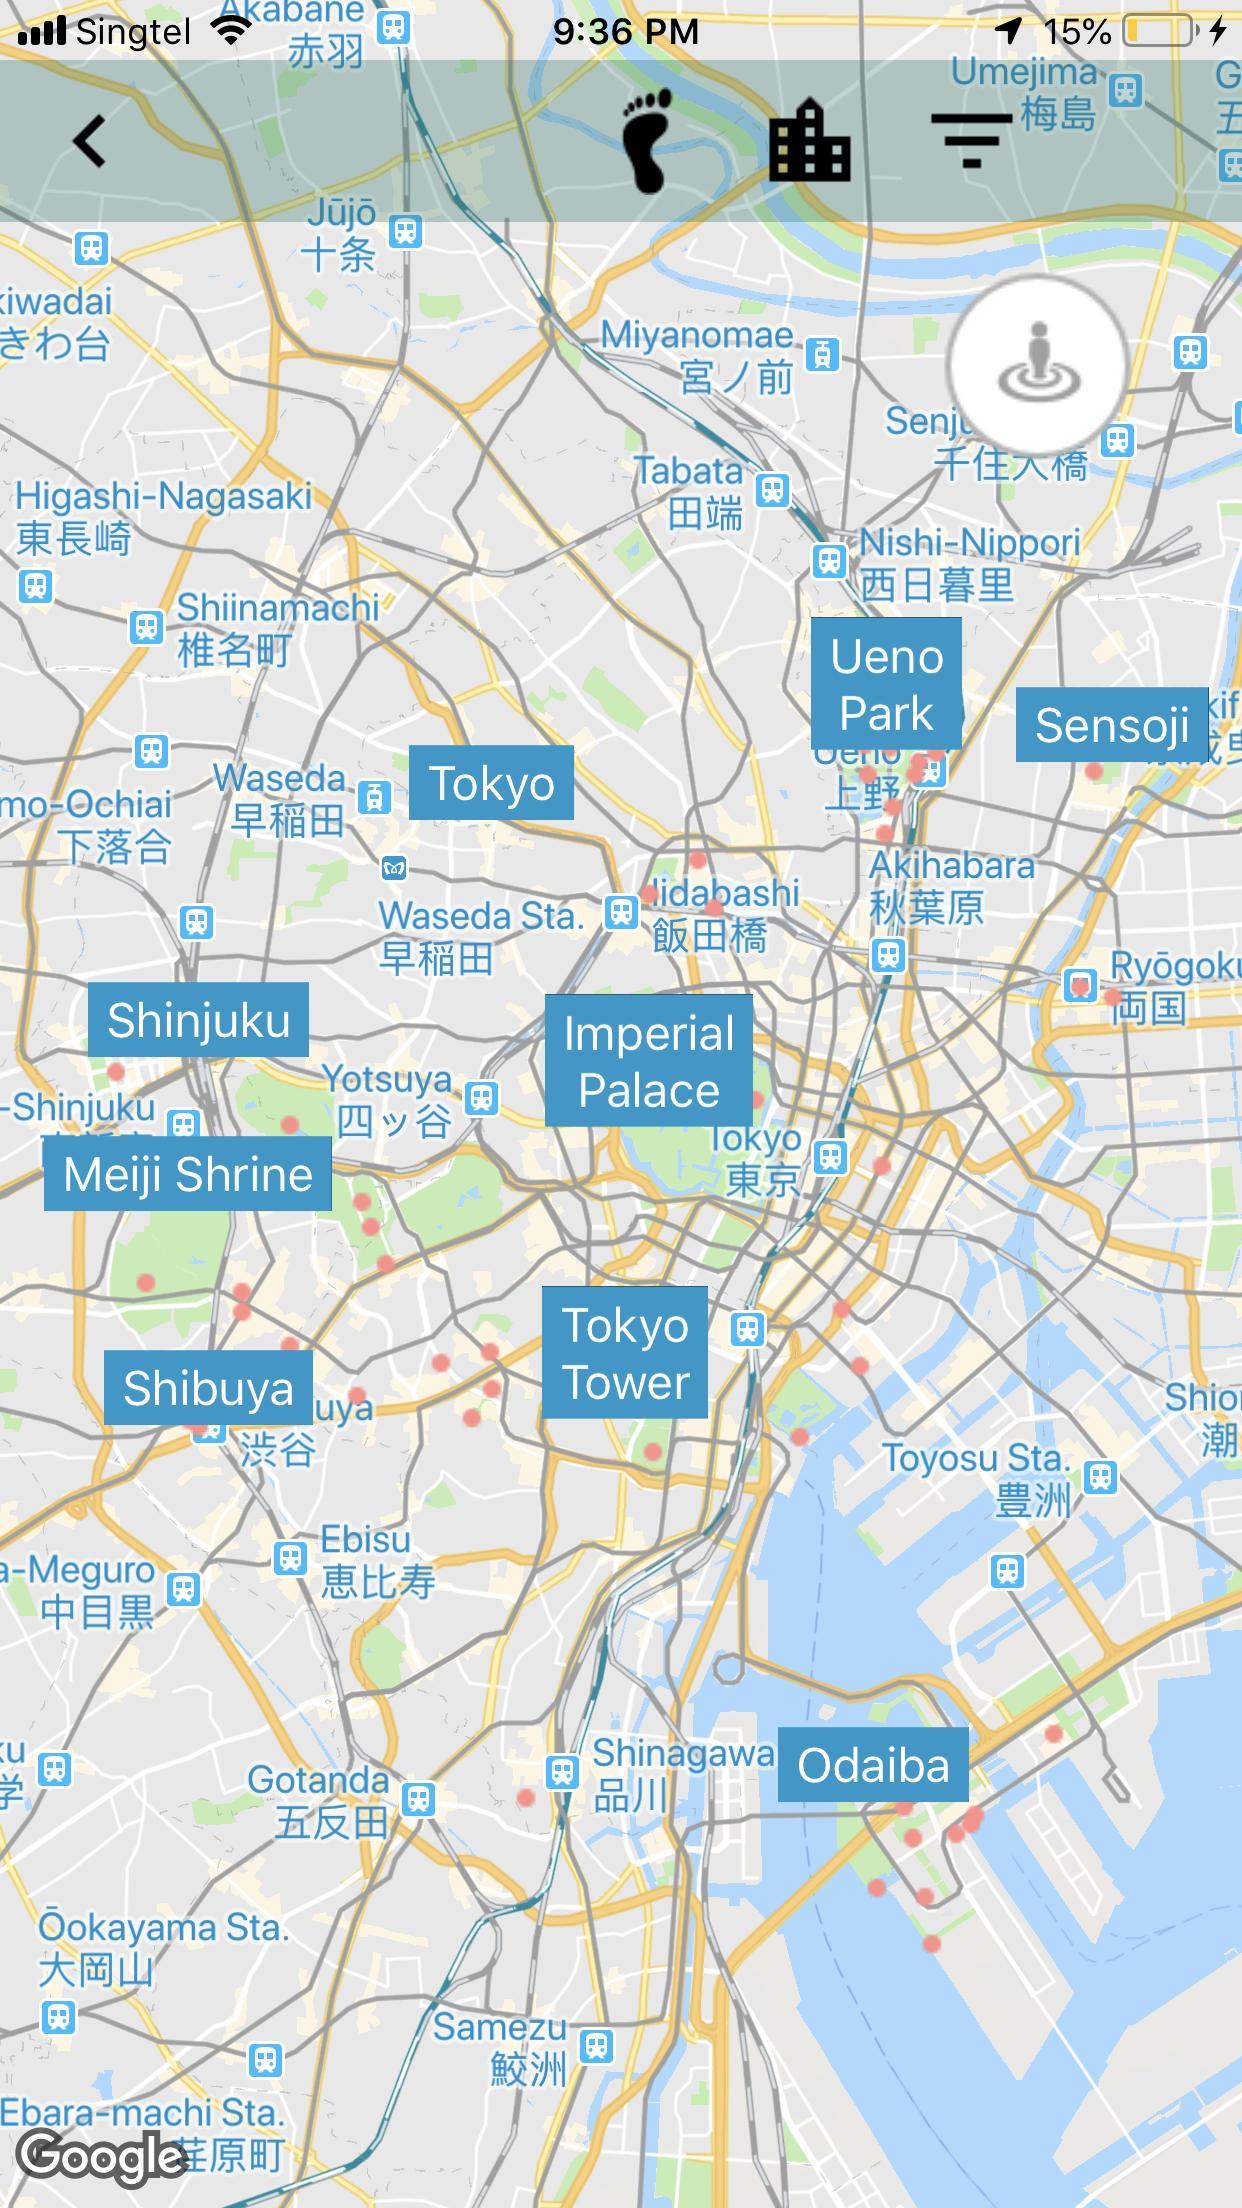 Nyc Subway Map And Guide.Tokyo Jr And Subway Map